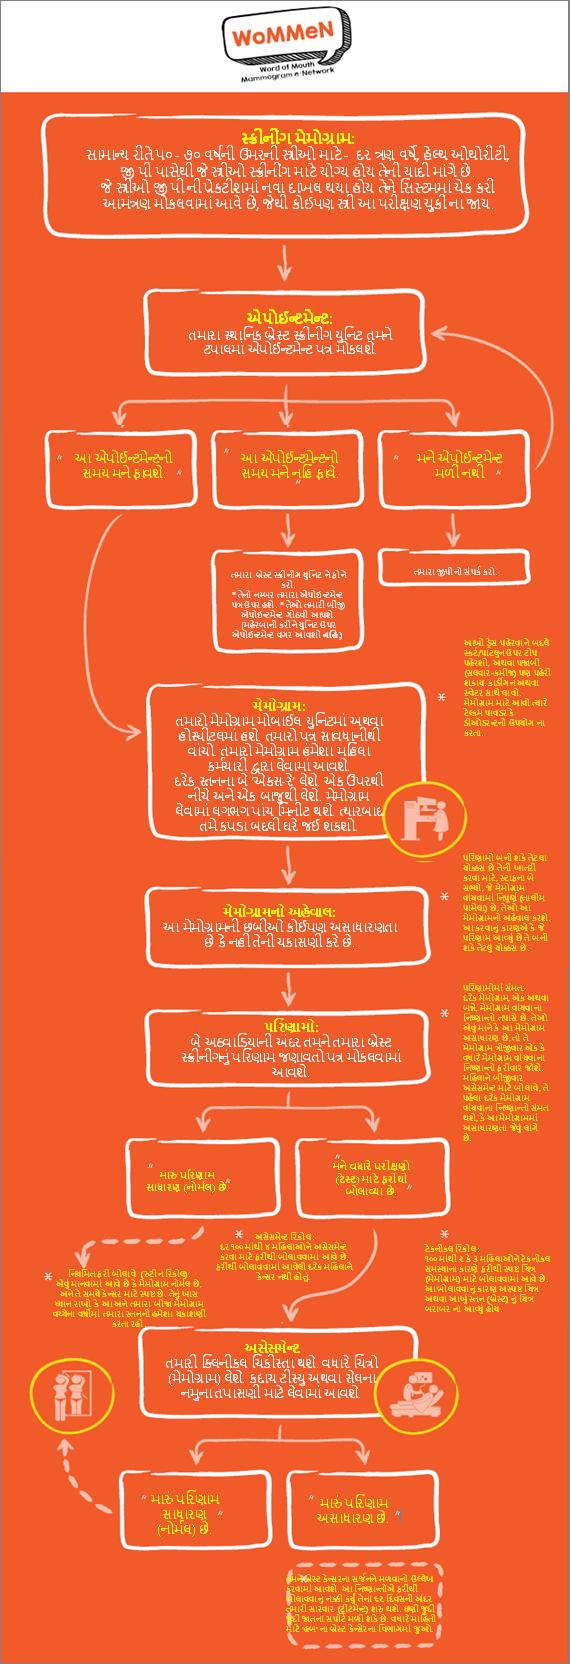 WoMMen Infograohic in Gujarati